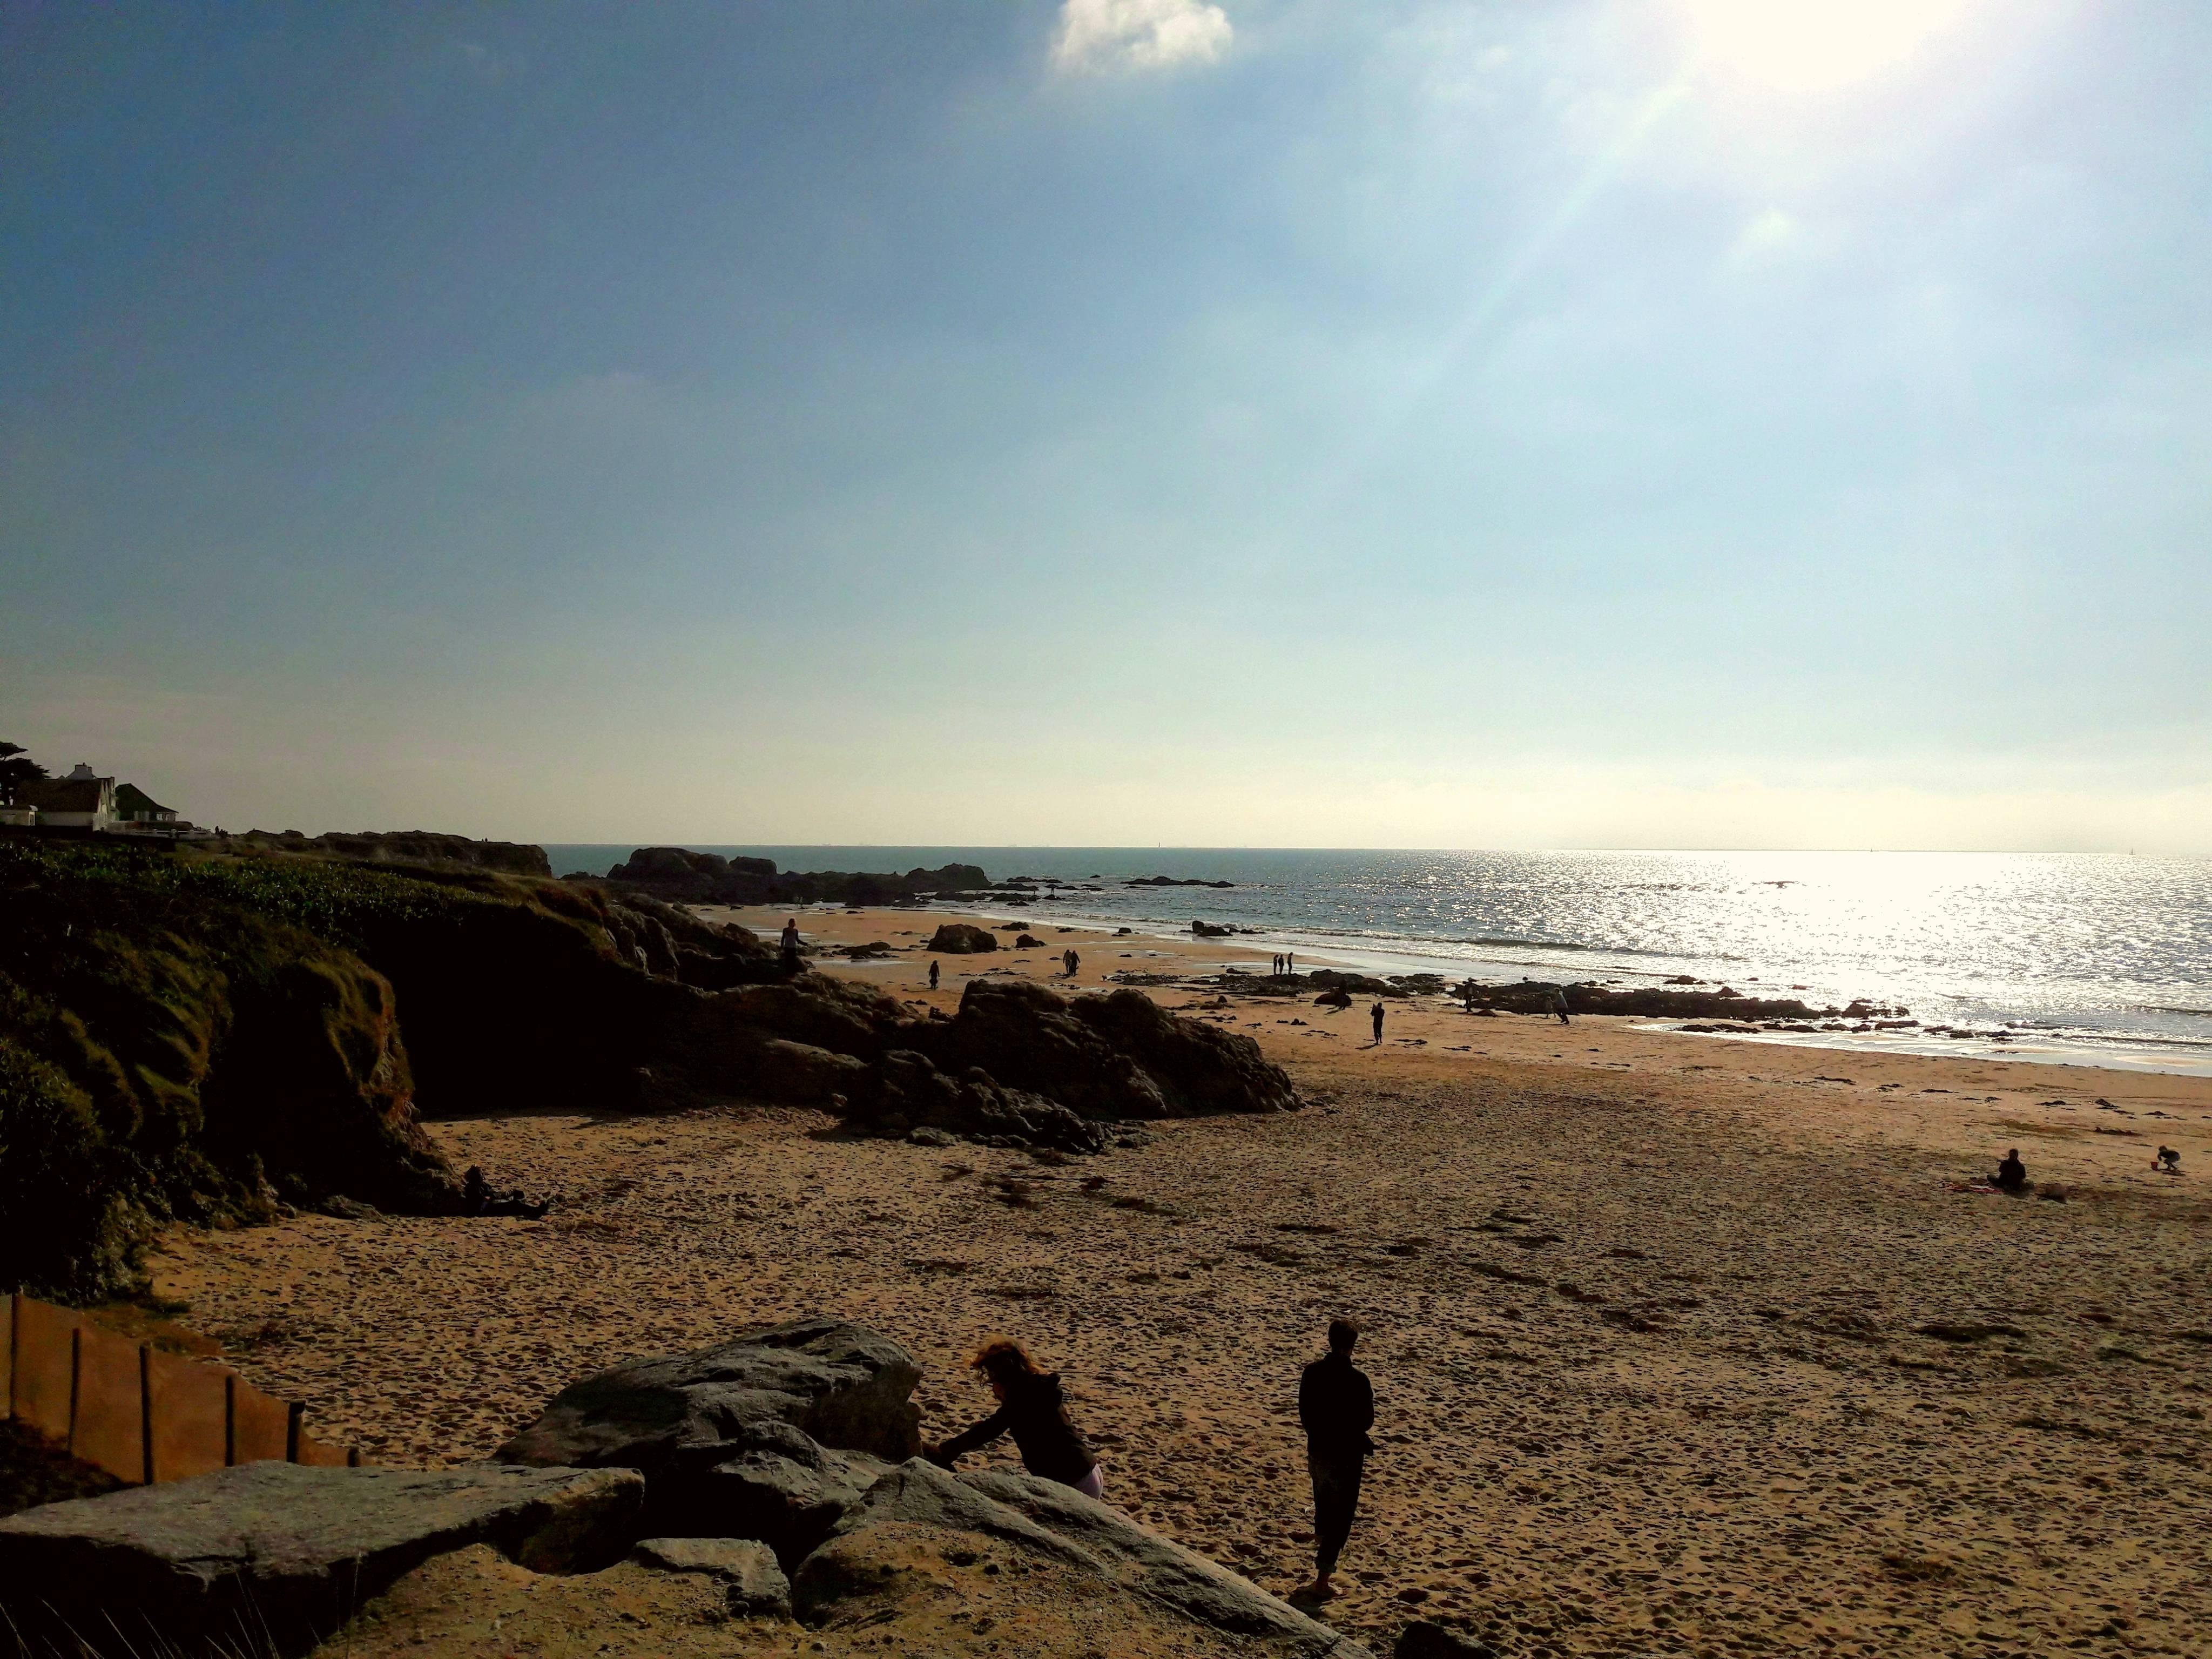 Photo 2: Plage de la Govelle - stop sur la côte sauvage